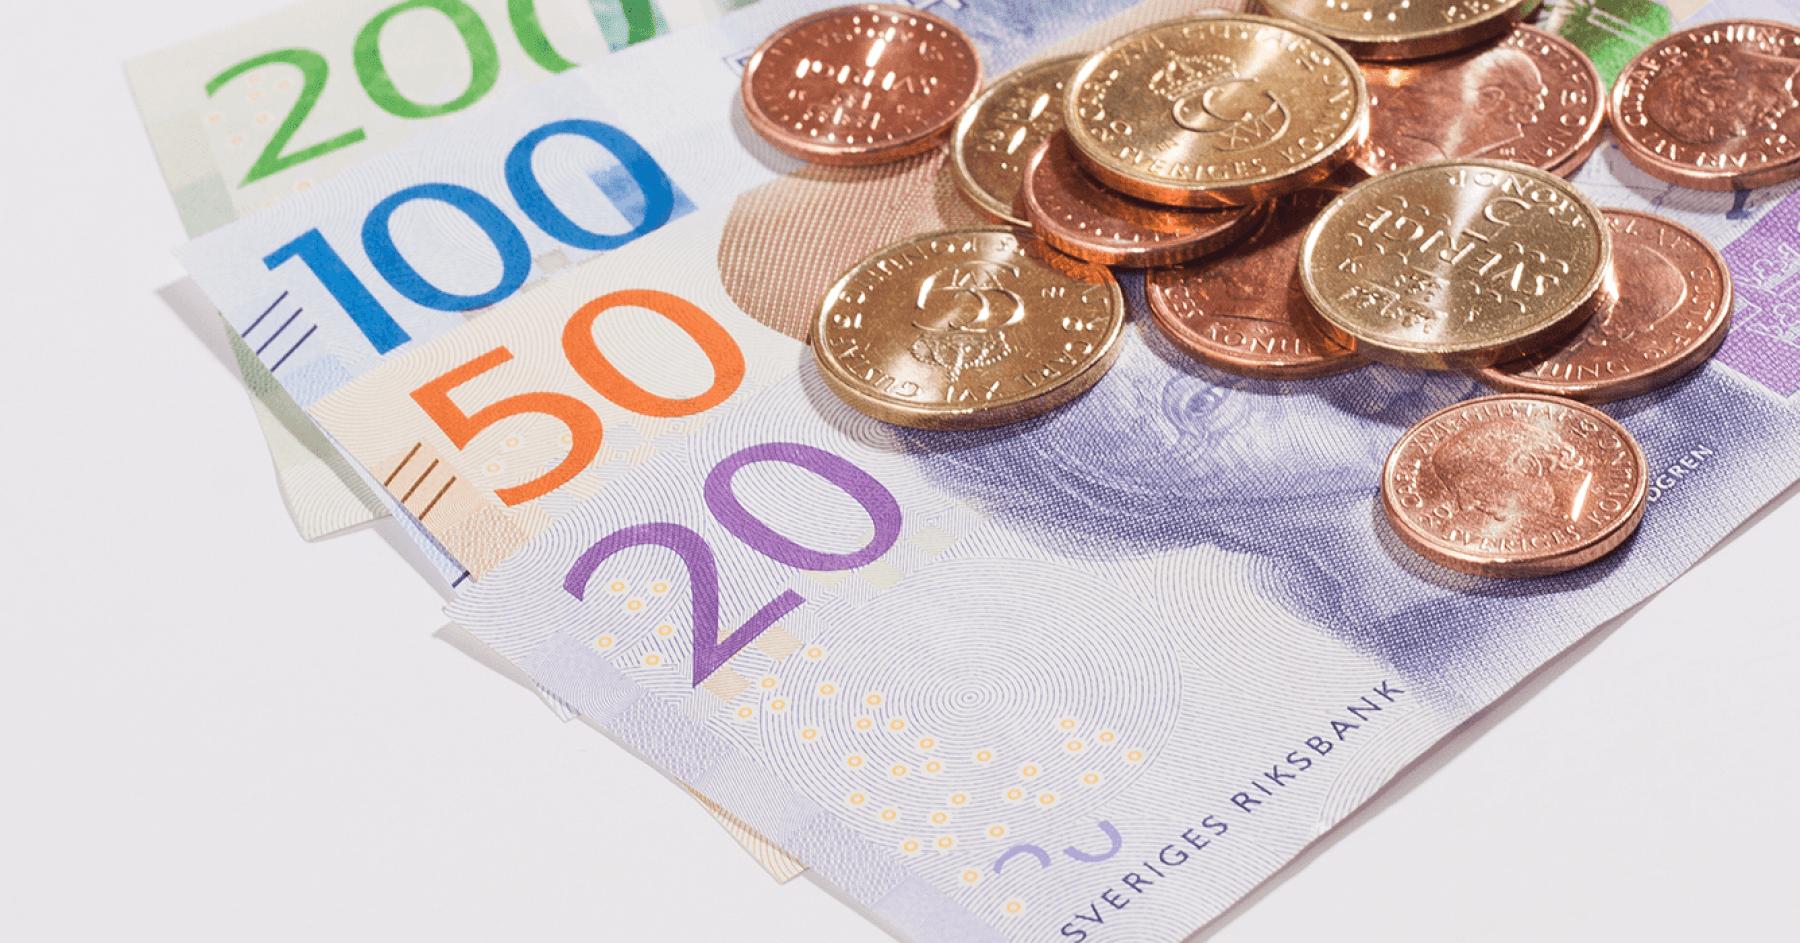 Svenska sedlar och mynt ligger på ett bord